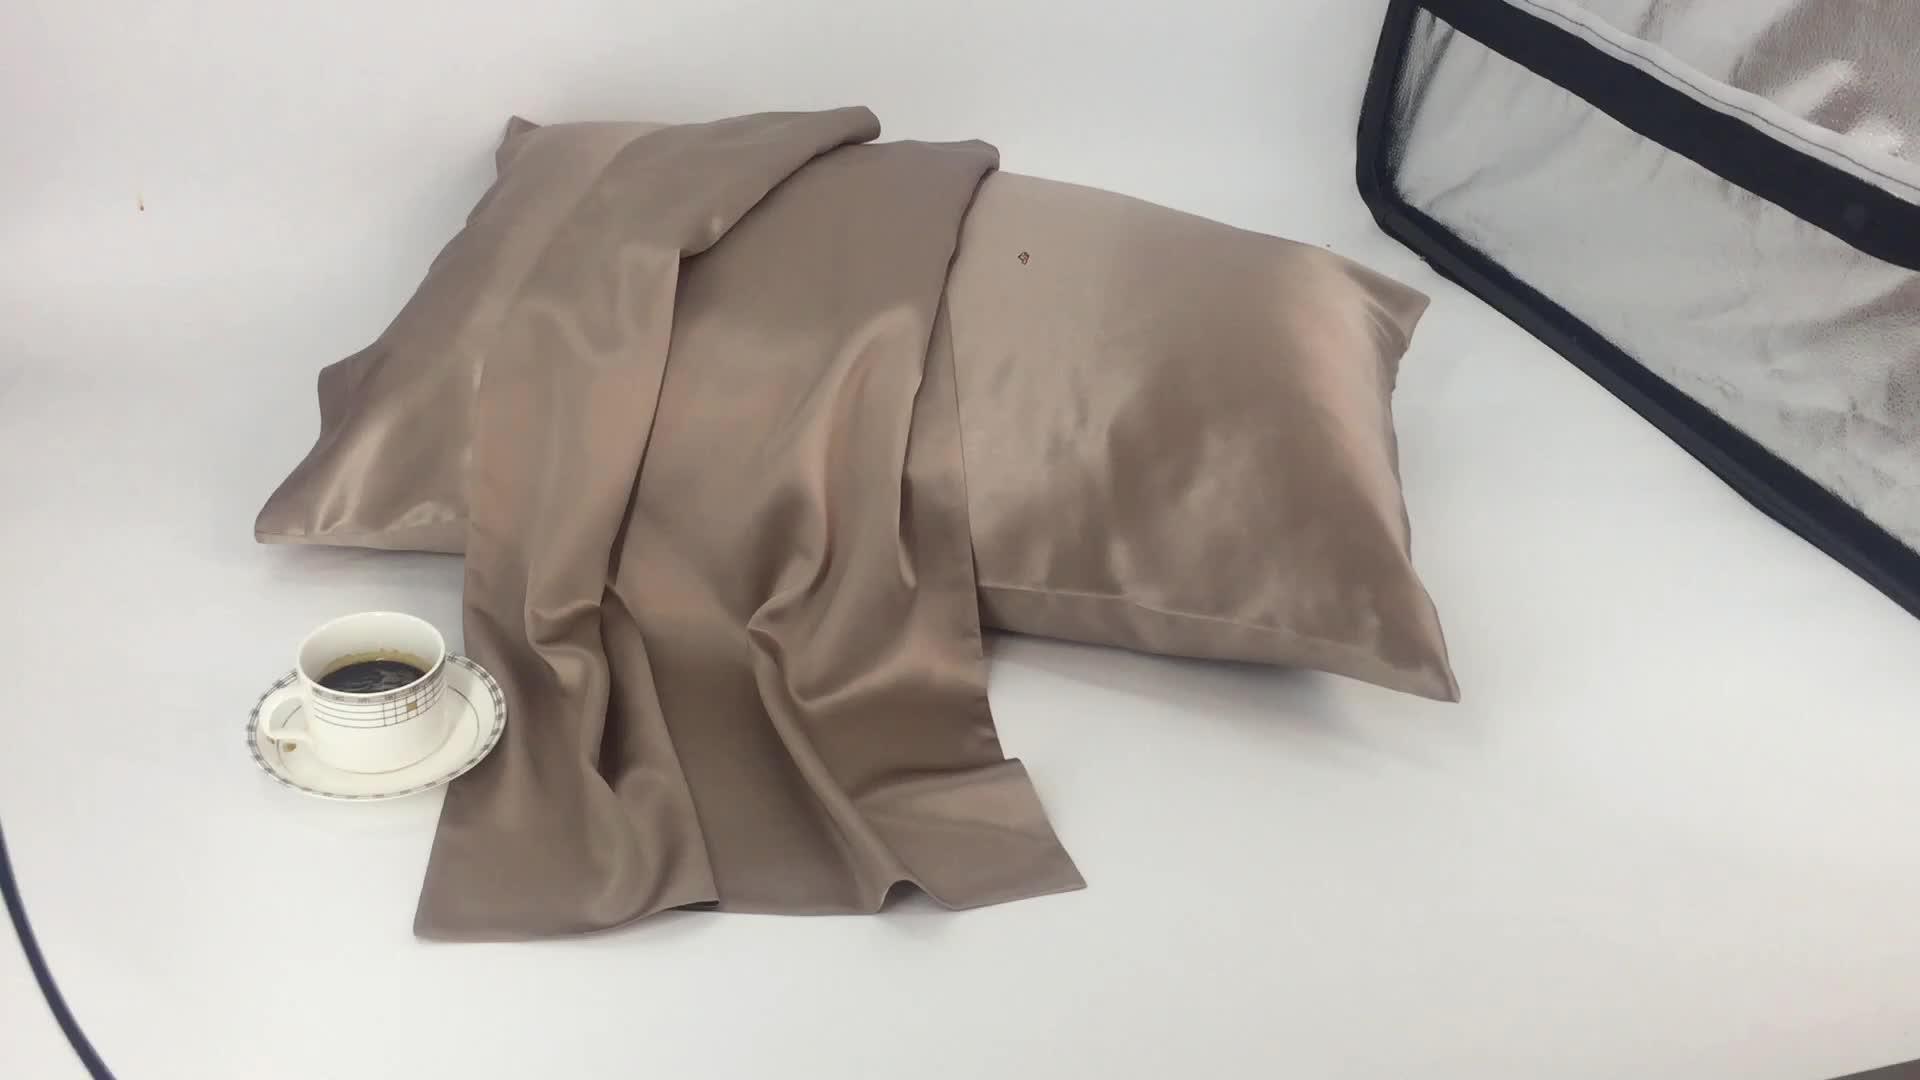 ललित SERINDA रेशम Pillowcase लक्जरी क्रिसमस उपहार 100% रेशम साटन 19 m/मी 22 m/मी Pillowcase